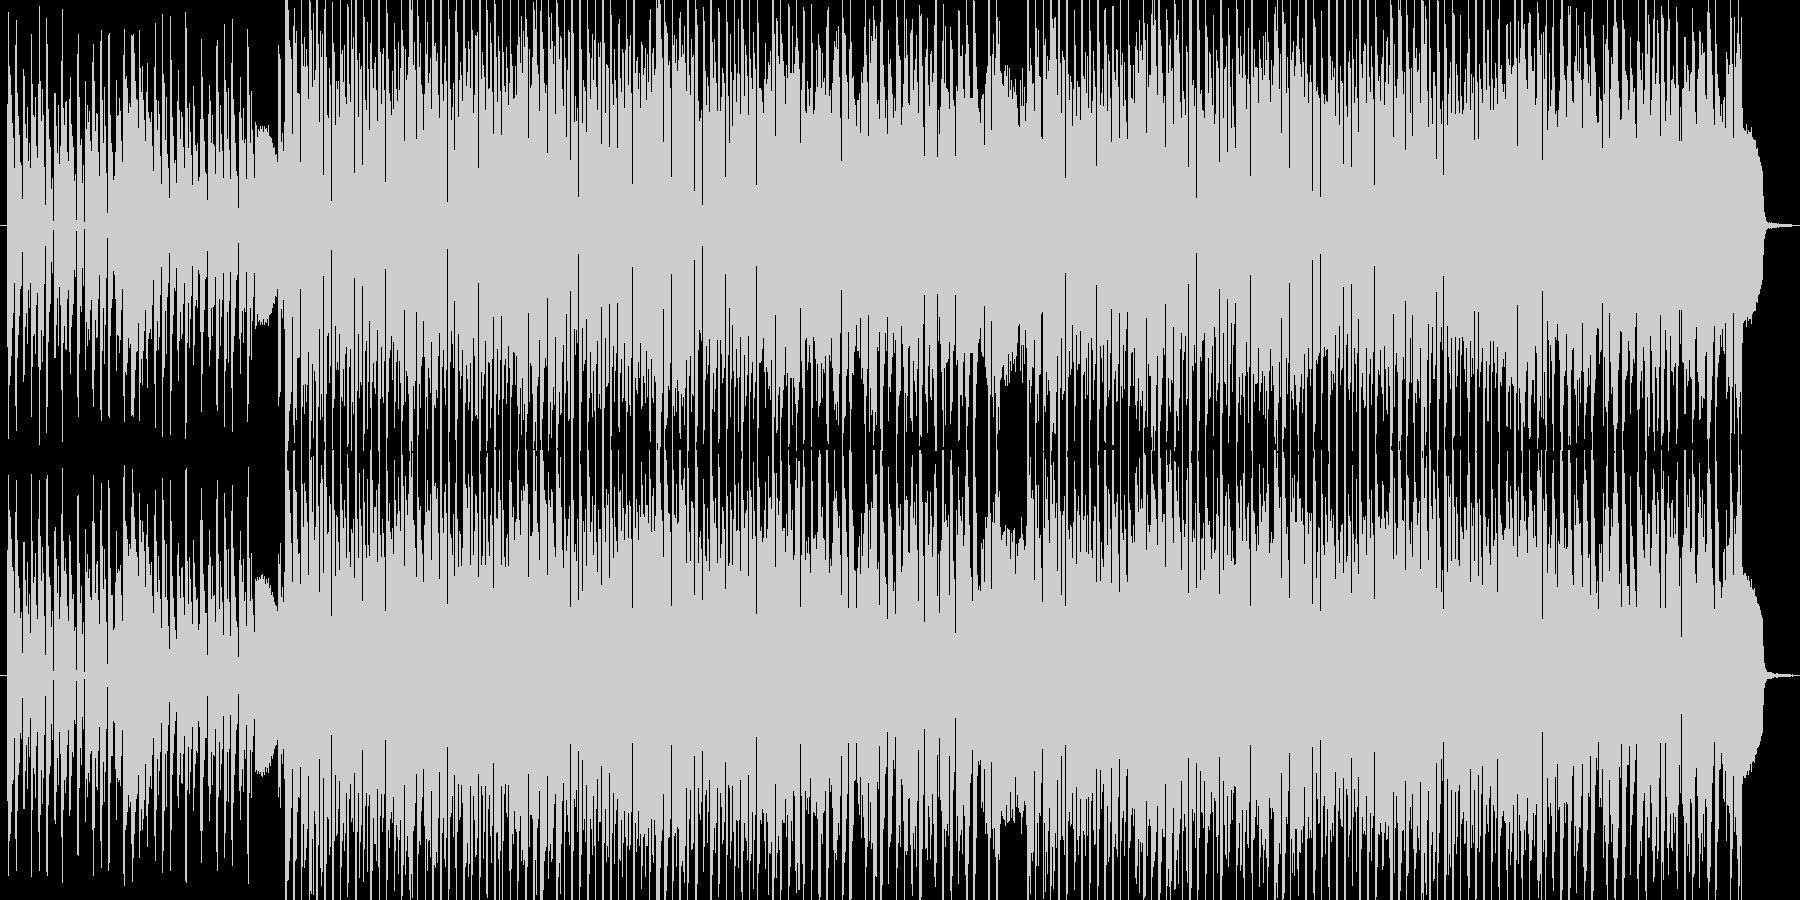 エッジ少なめなダブステップBGMの未再生の波形